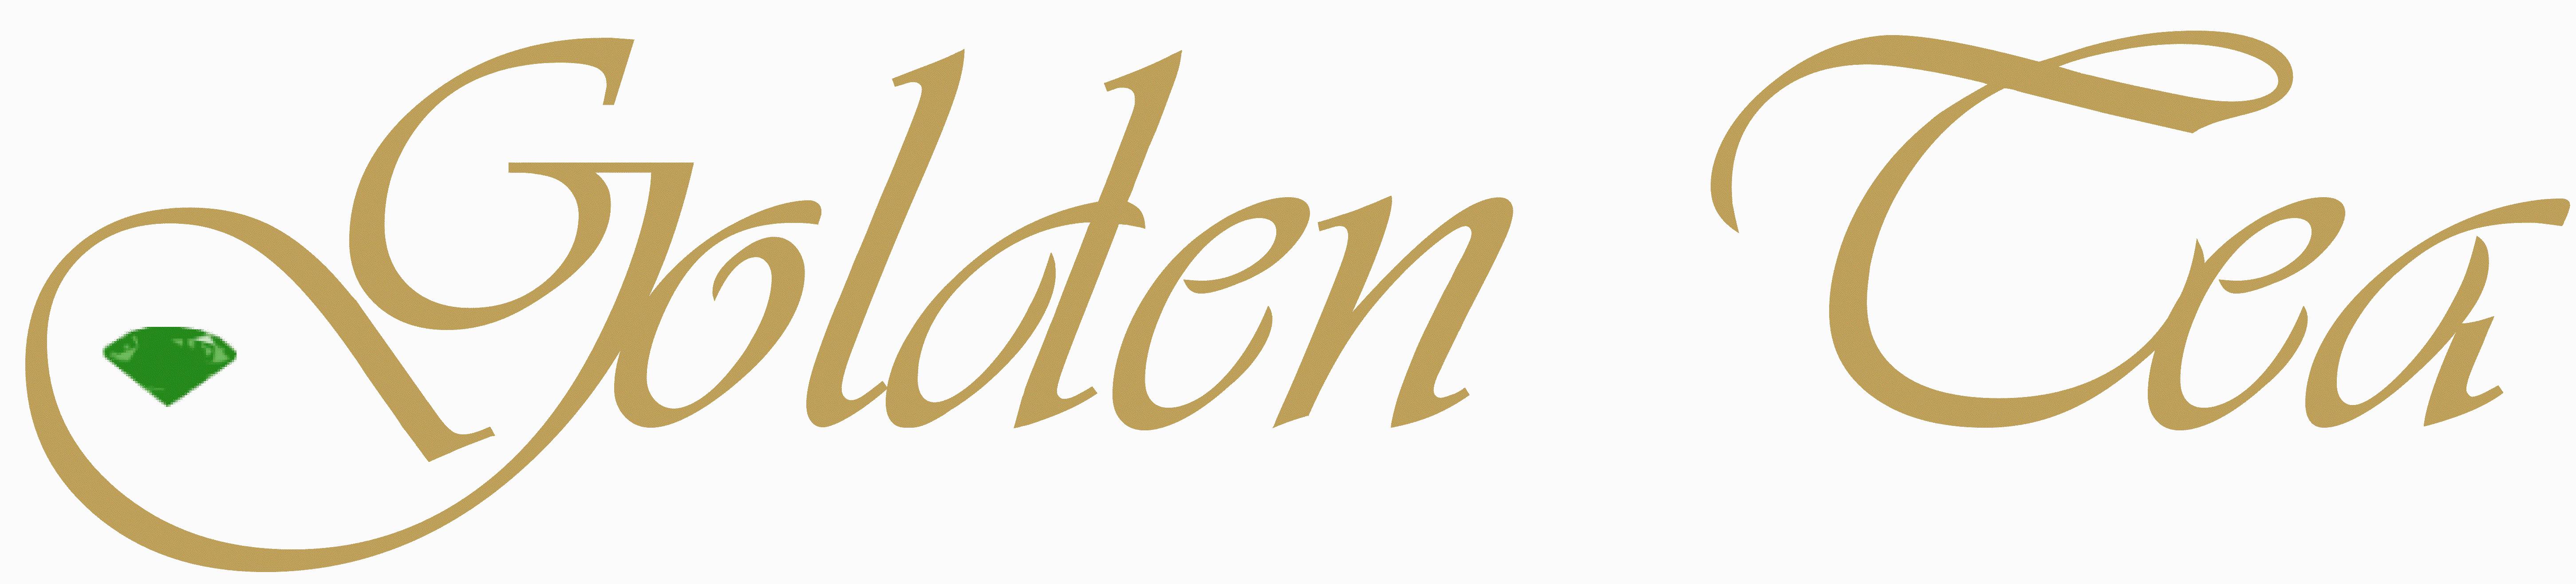 deski golden tea logo